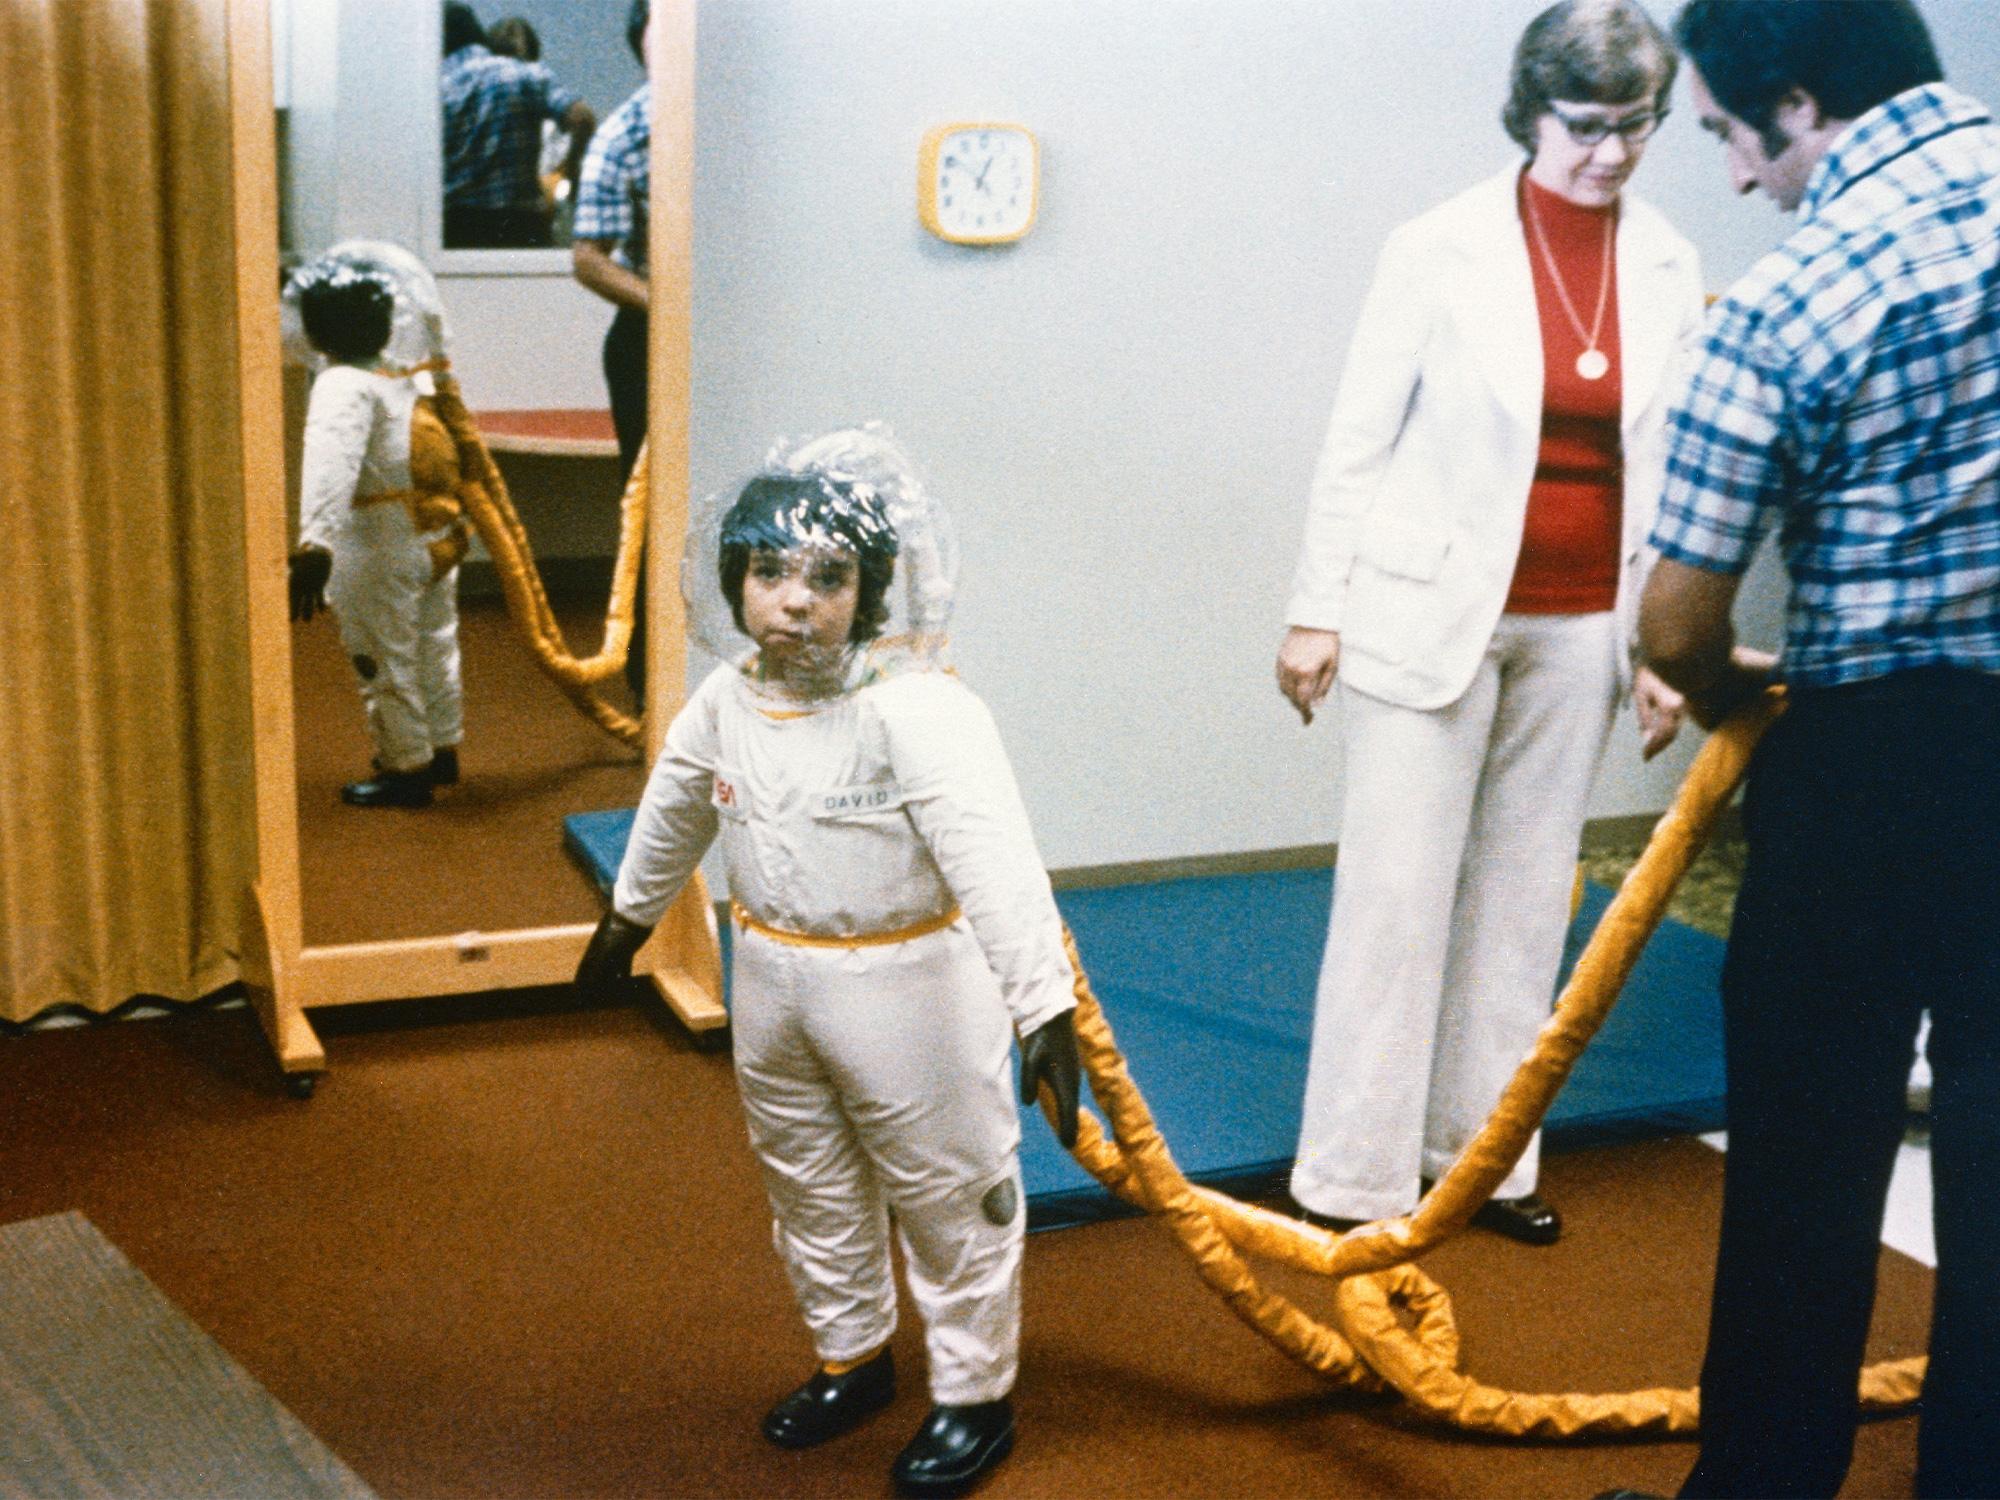 """David Vetter, người được nhớ đến với biệt danh """"cậu bé bong bóng"""" sống cả đời trong bộ đồ bảo vệ và bong bóng nhựa trong suốt vì mắc SCID, chứng bệnh rối loạn miễn dịch di truyền. Ảnh: NASA/JSC."""